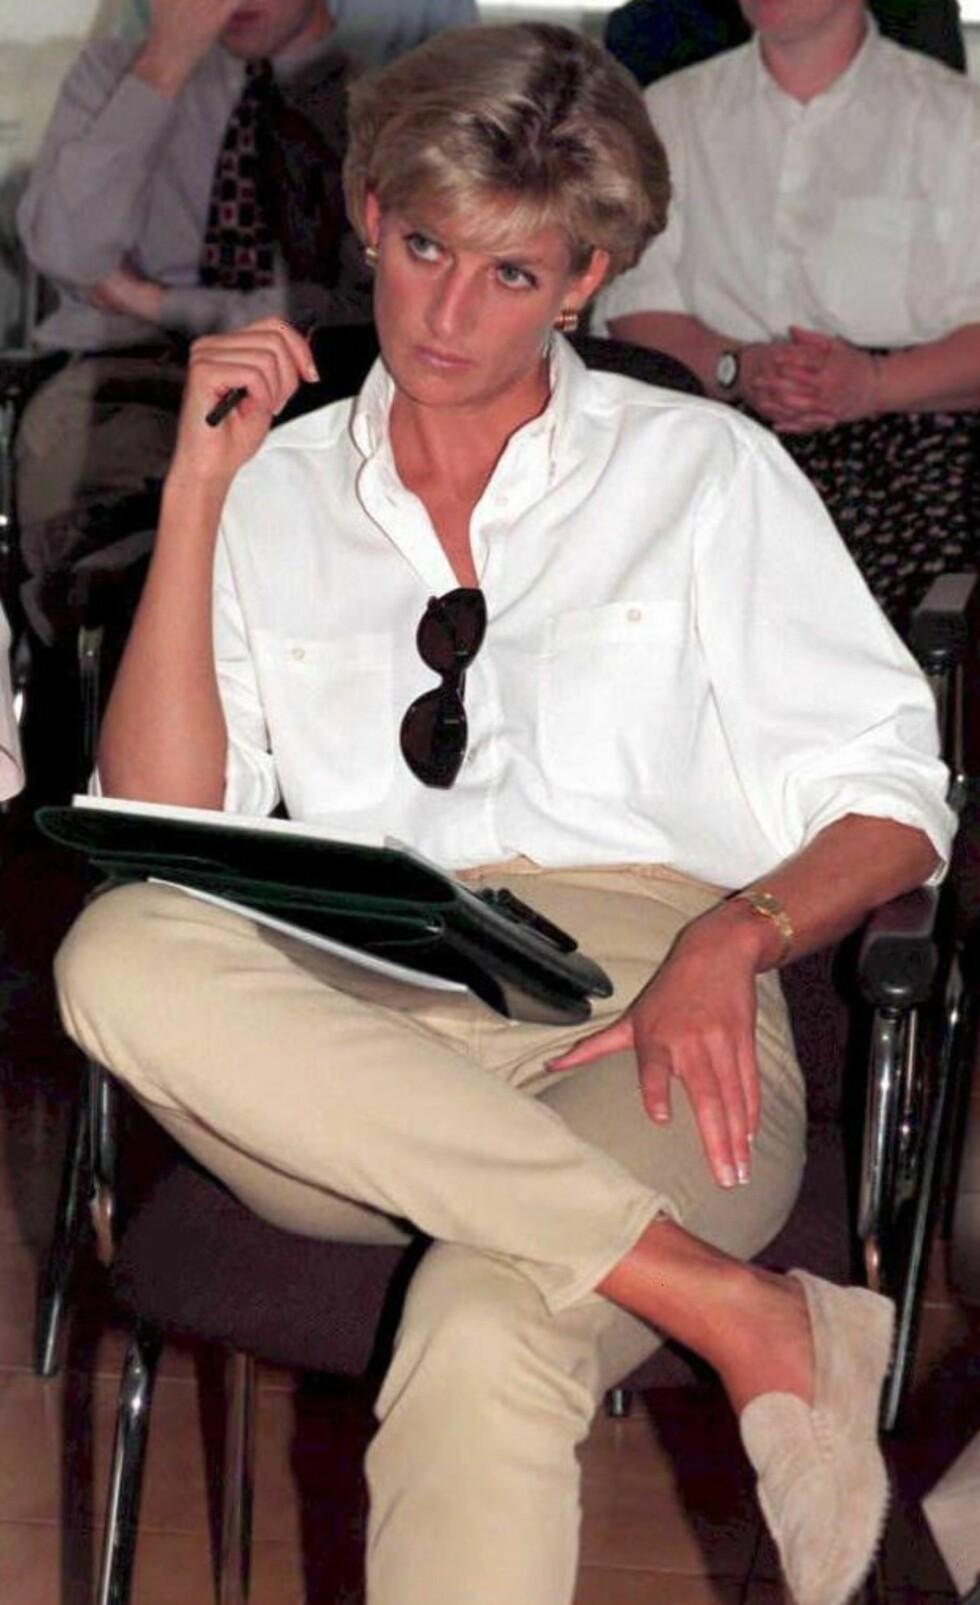 HJERTESAK: Humanitært arbeid var én av Dianas mange hjertesaker. Her under en høring angående rydding av landminer Angola i januar 1997. Foto: NTB Scanpix